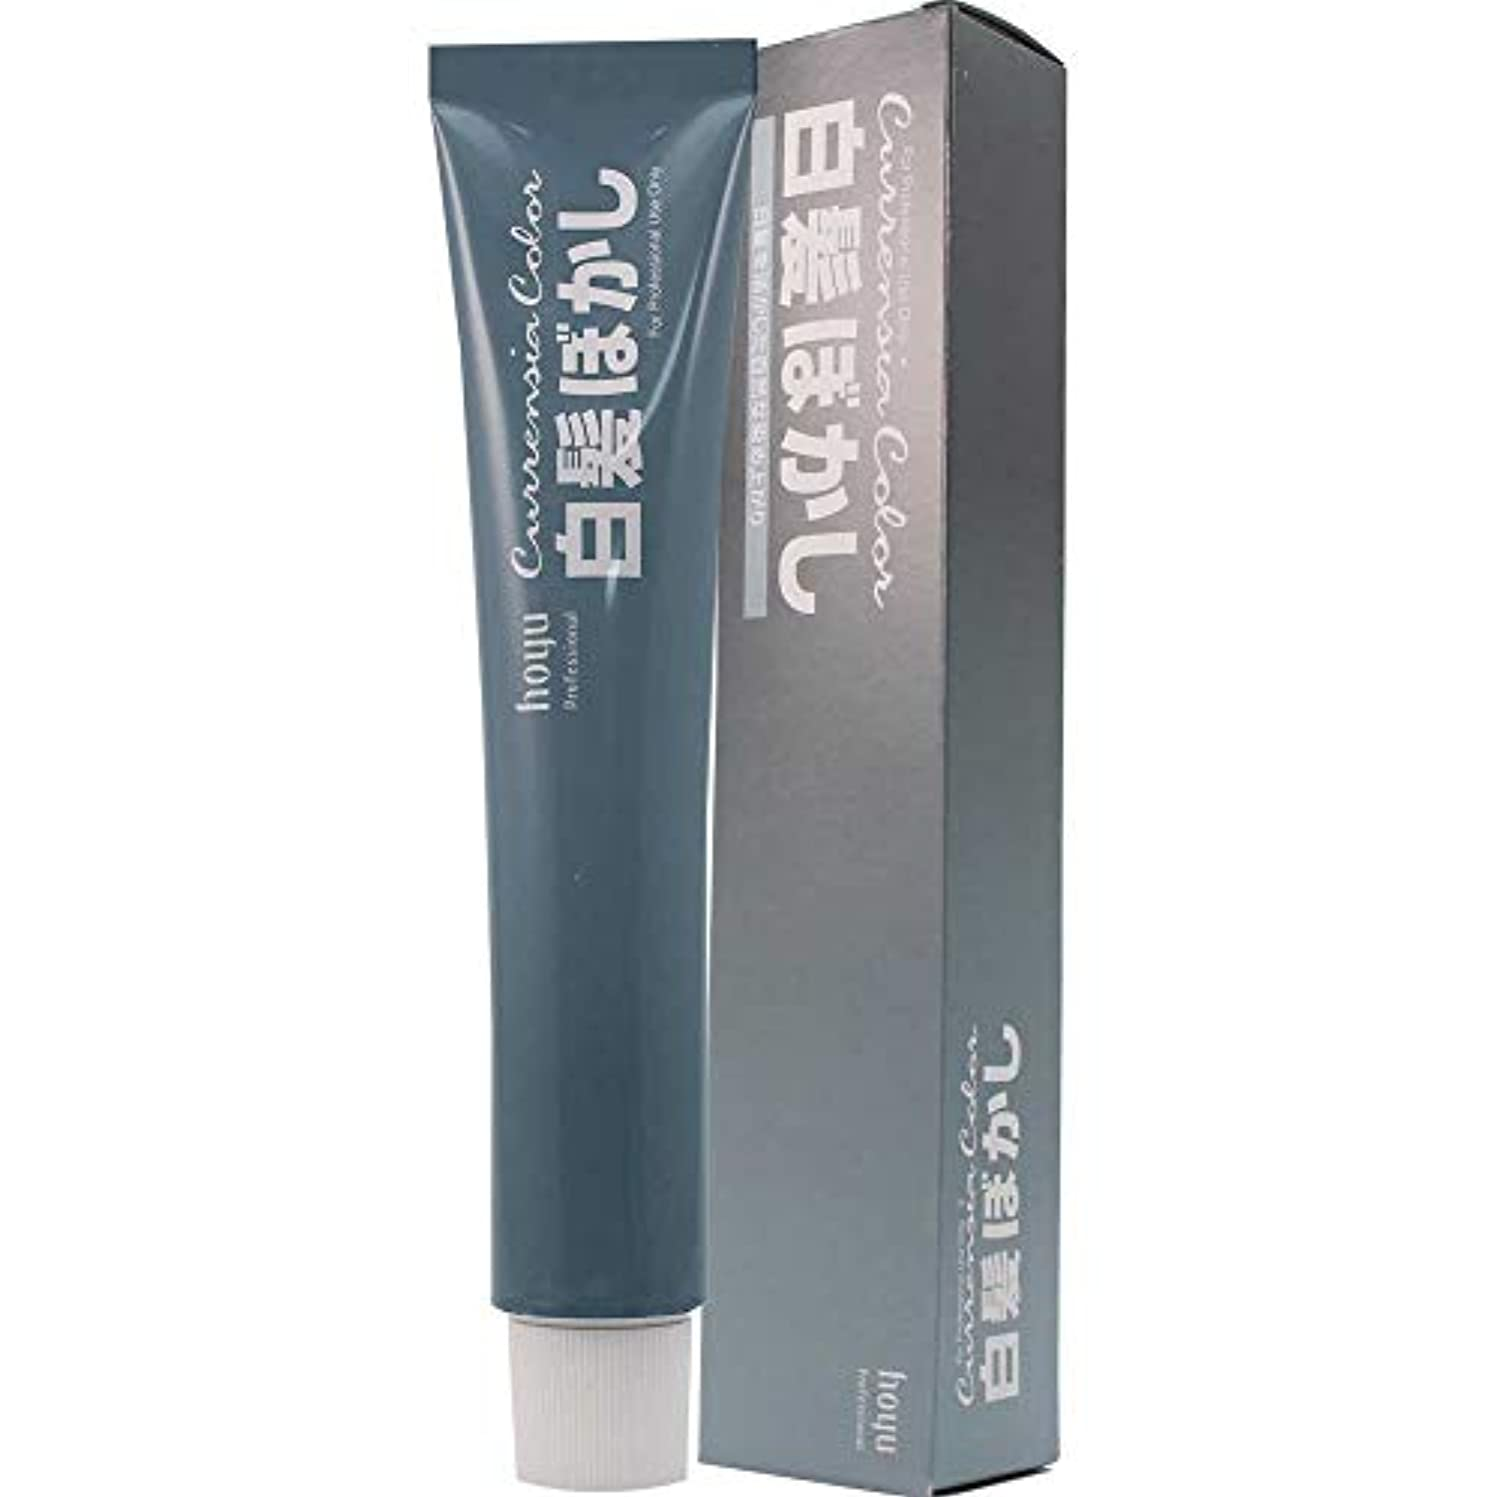 つかの間取り除く調停するホーユー カレンシアカラー 80g 白髪ぼかし 1剤 (ブルーグレー)